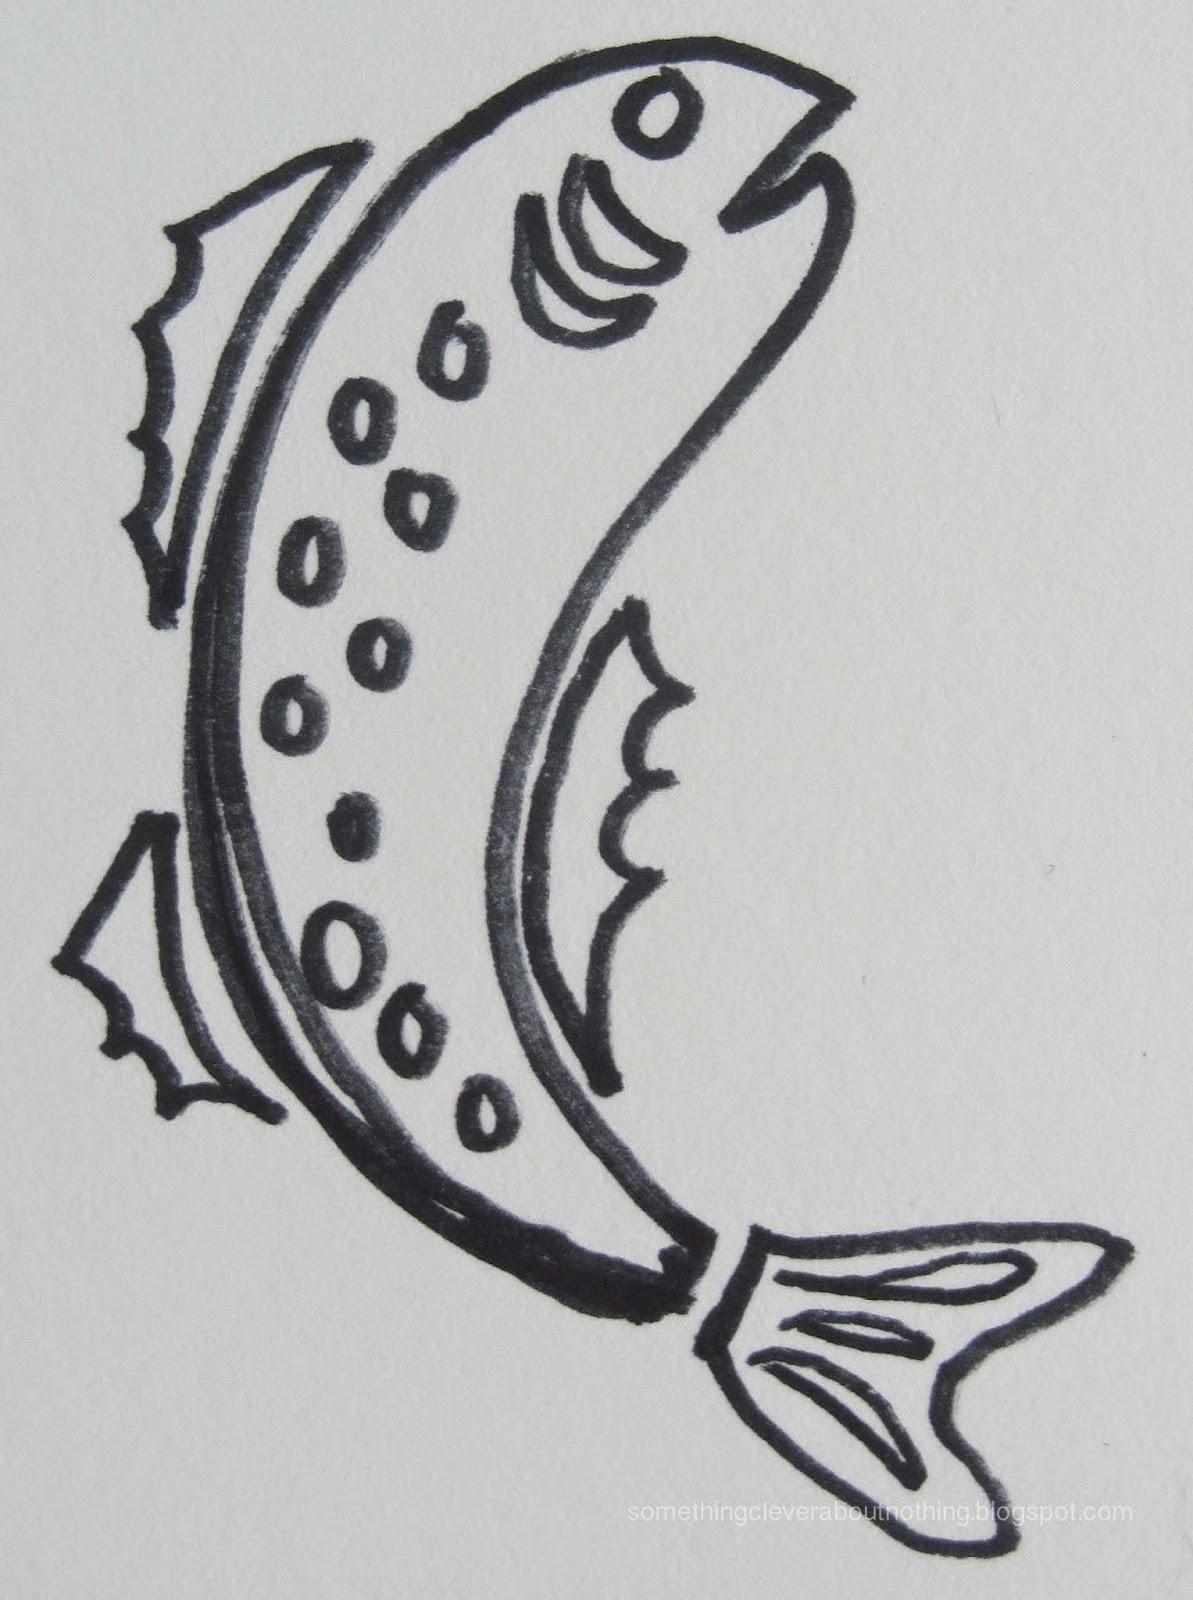 http://2.bp.blogspot.com/-hagc9hegydM/U8r8uzuUMYI/AAAAAAAAOjY/EZygHbFjqDs/s1600/fish+stamps3.jpg